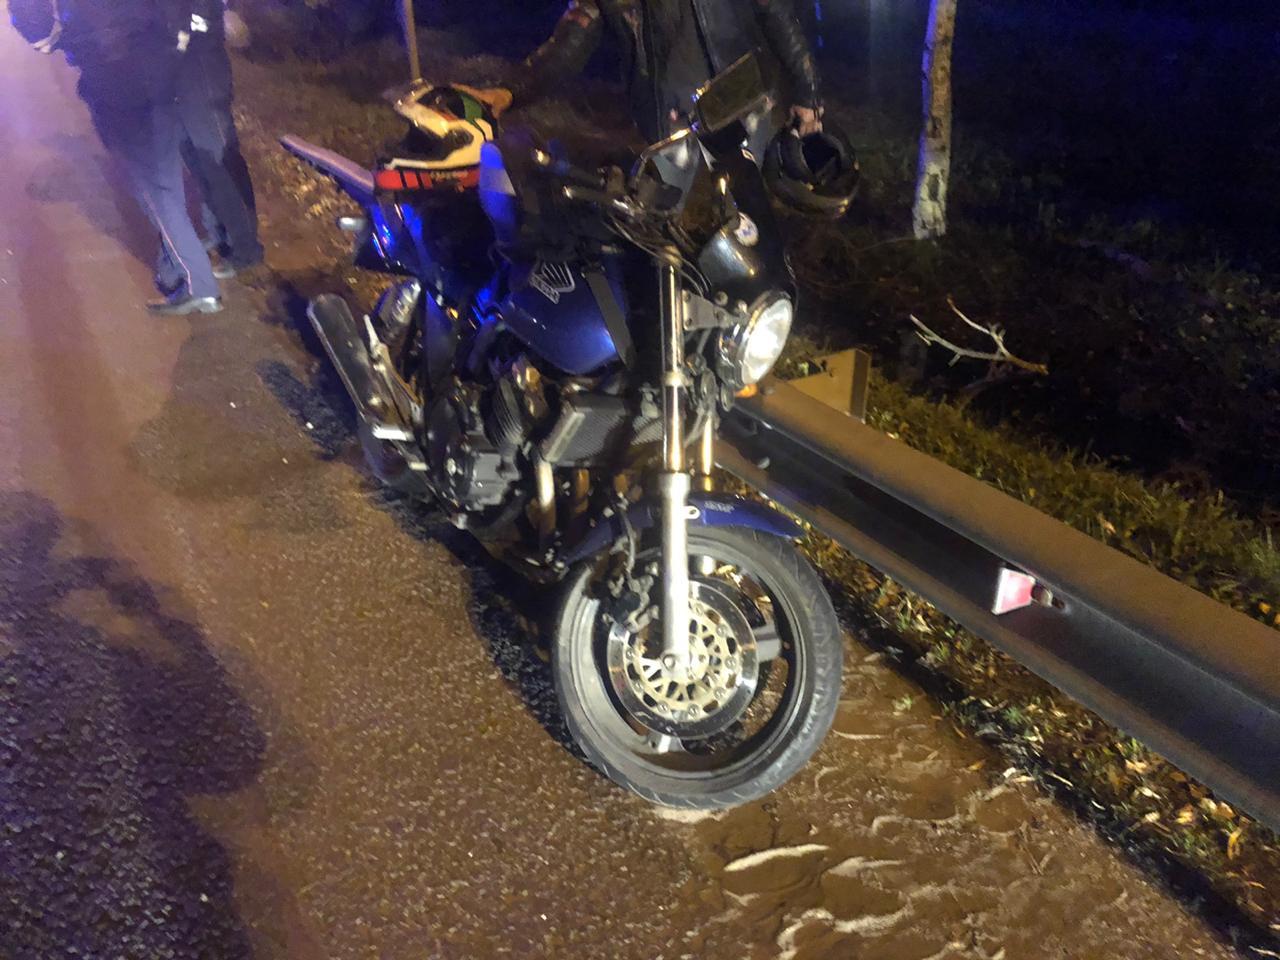 Девушка и подросток столкнулись на мотоциклах на М10 в Тверской области - новости Афанасий